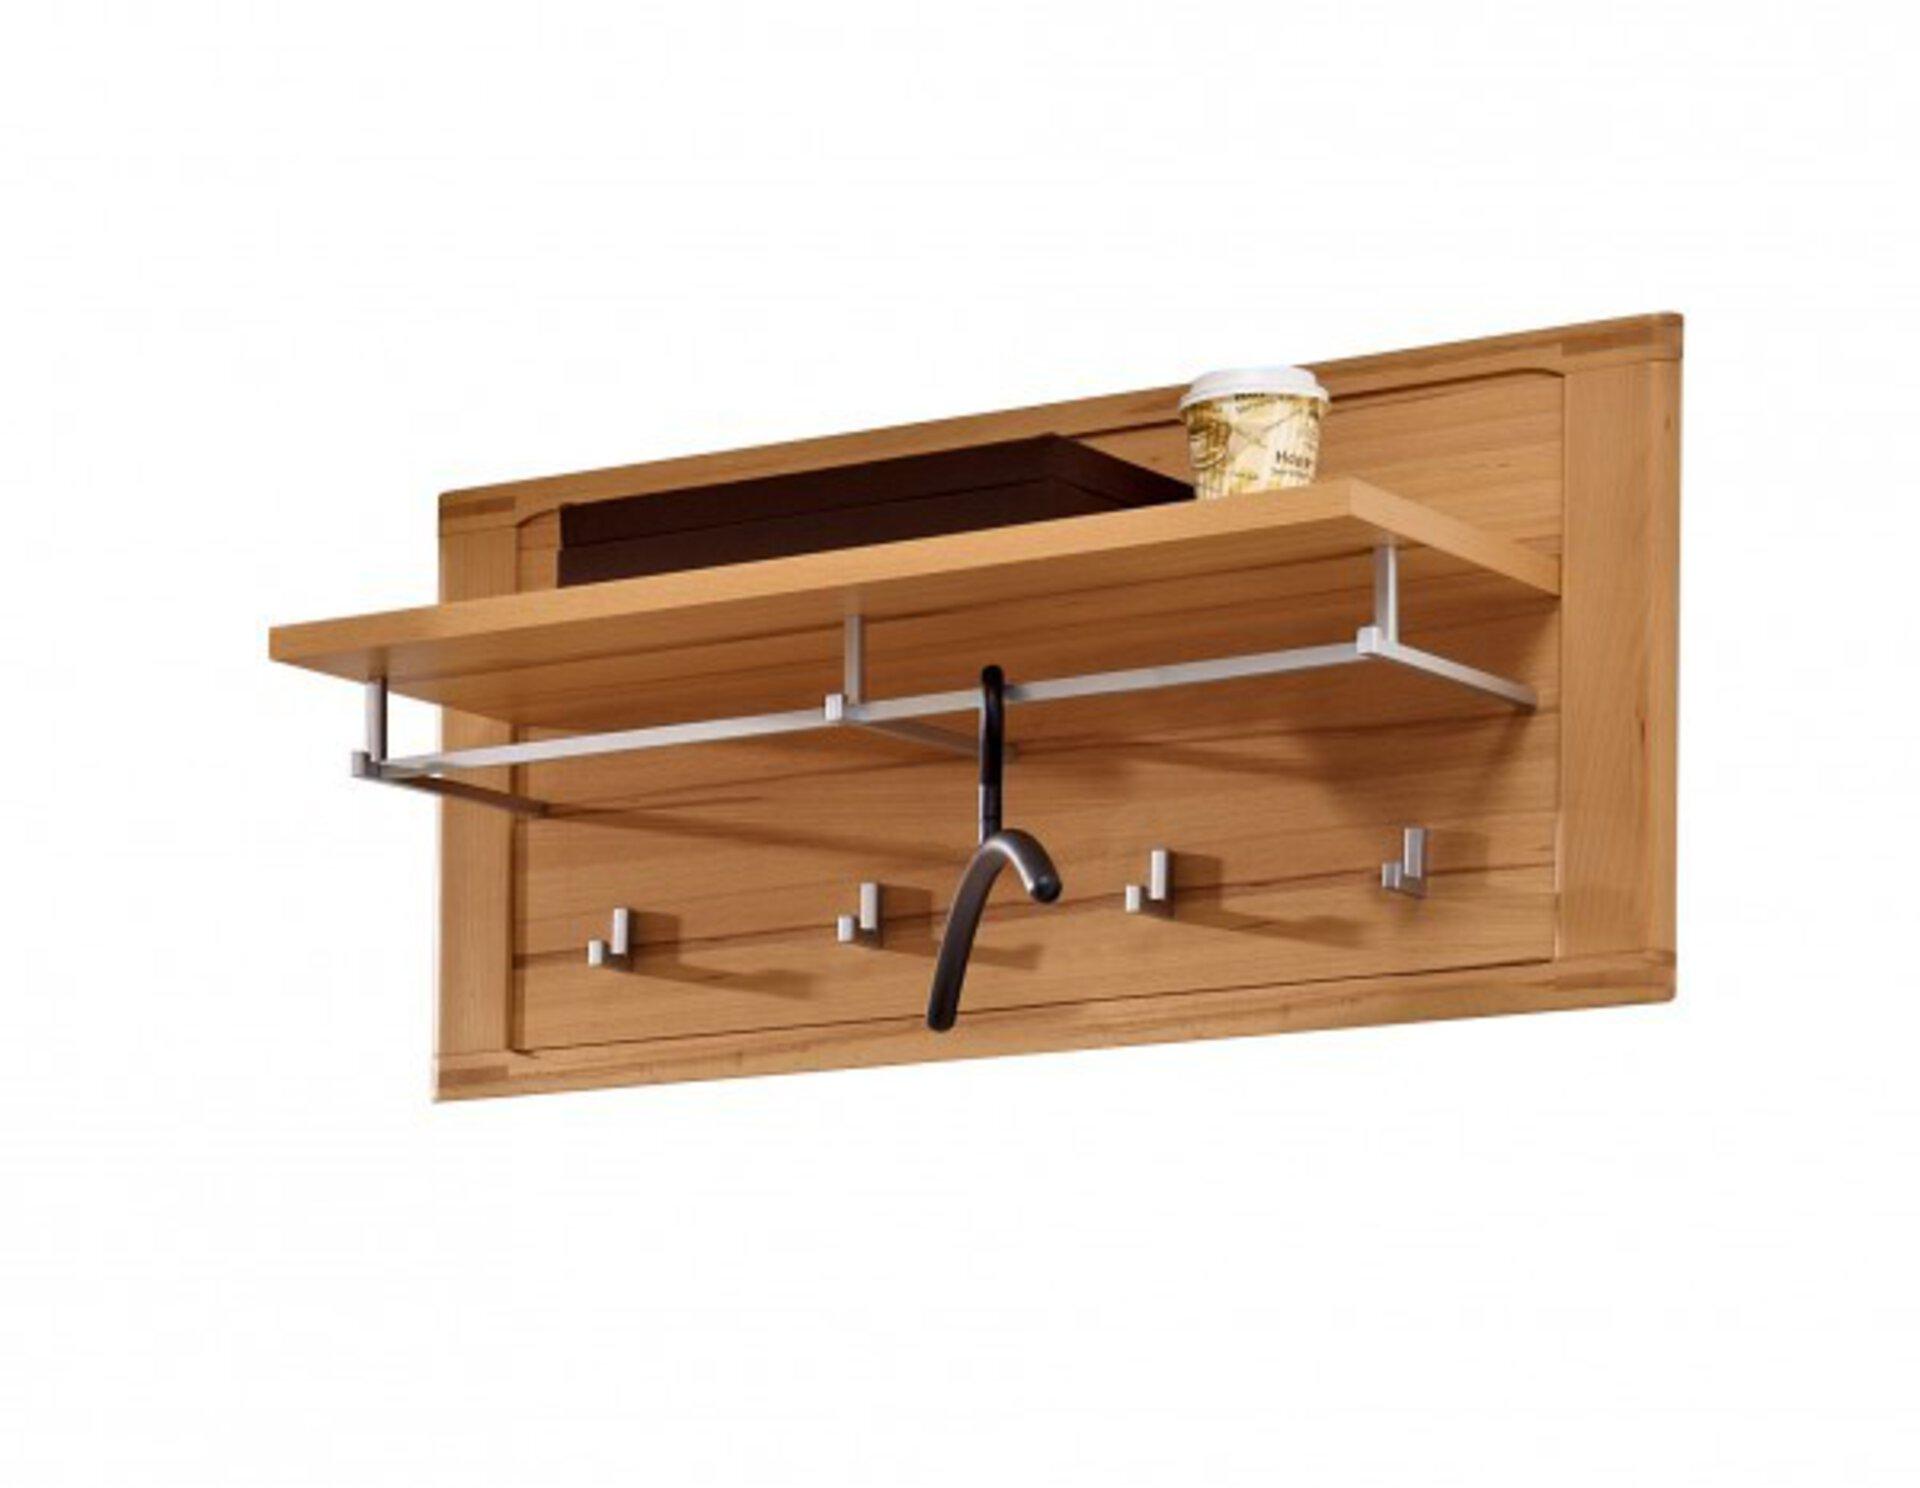 Garderobenpaneel NATURE PLUS inDoor Holzwerkstoff 32 x 45 x 90 cm